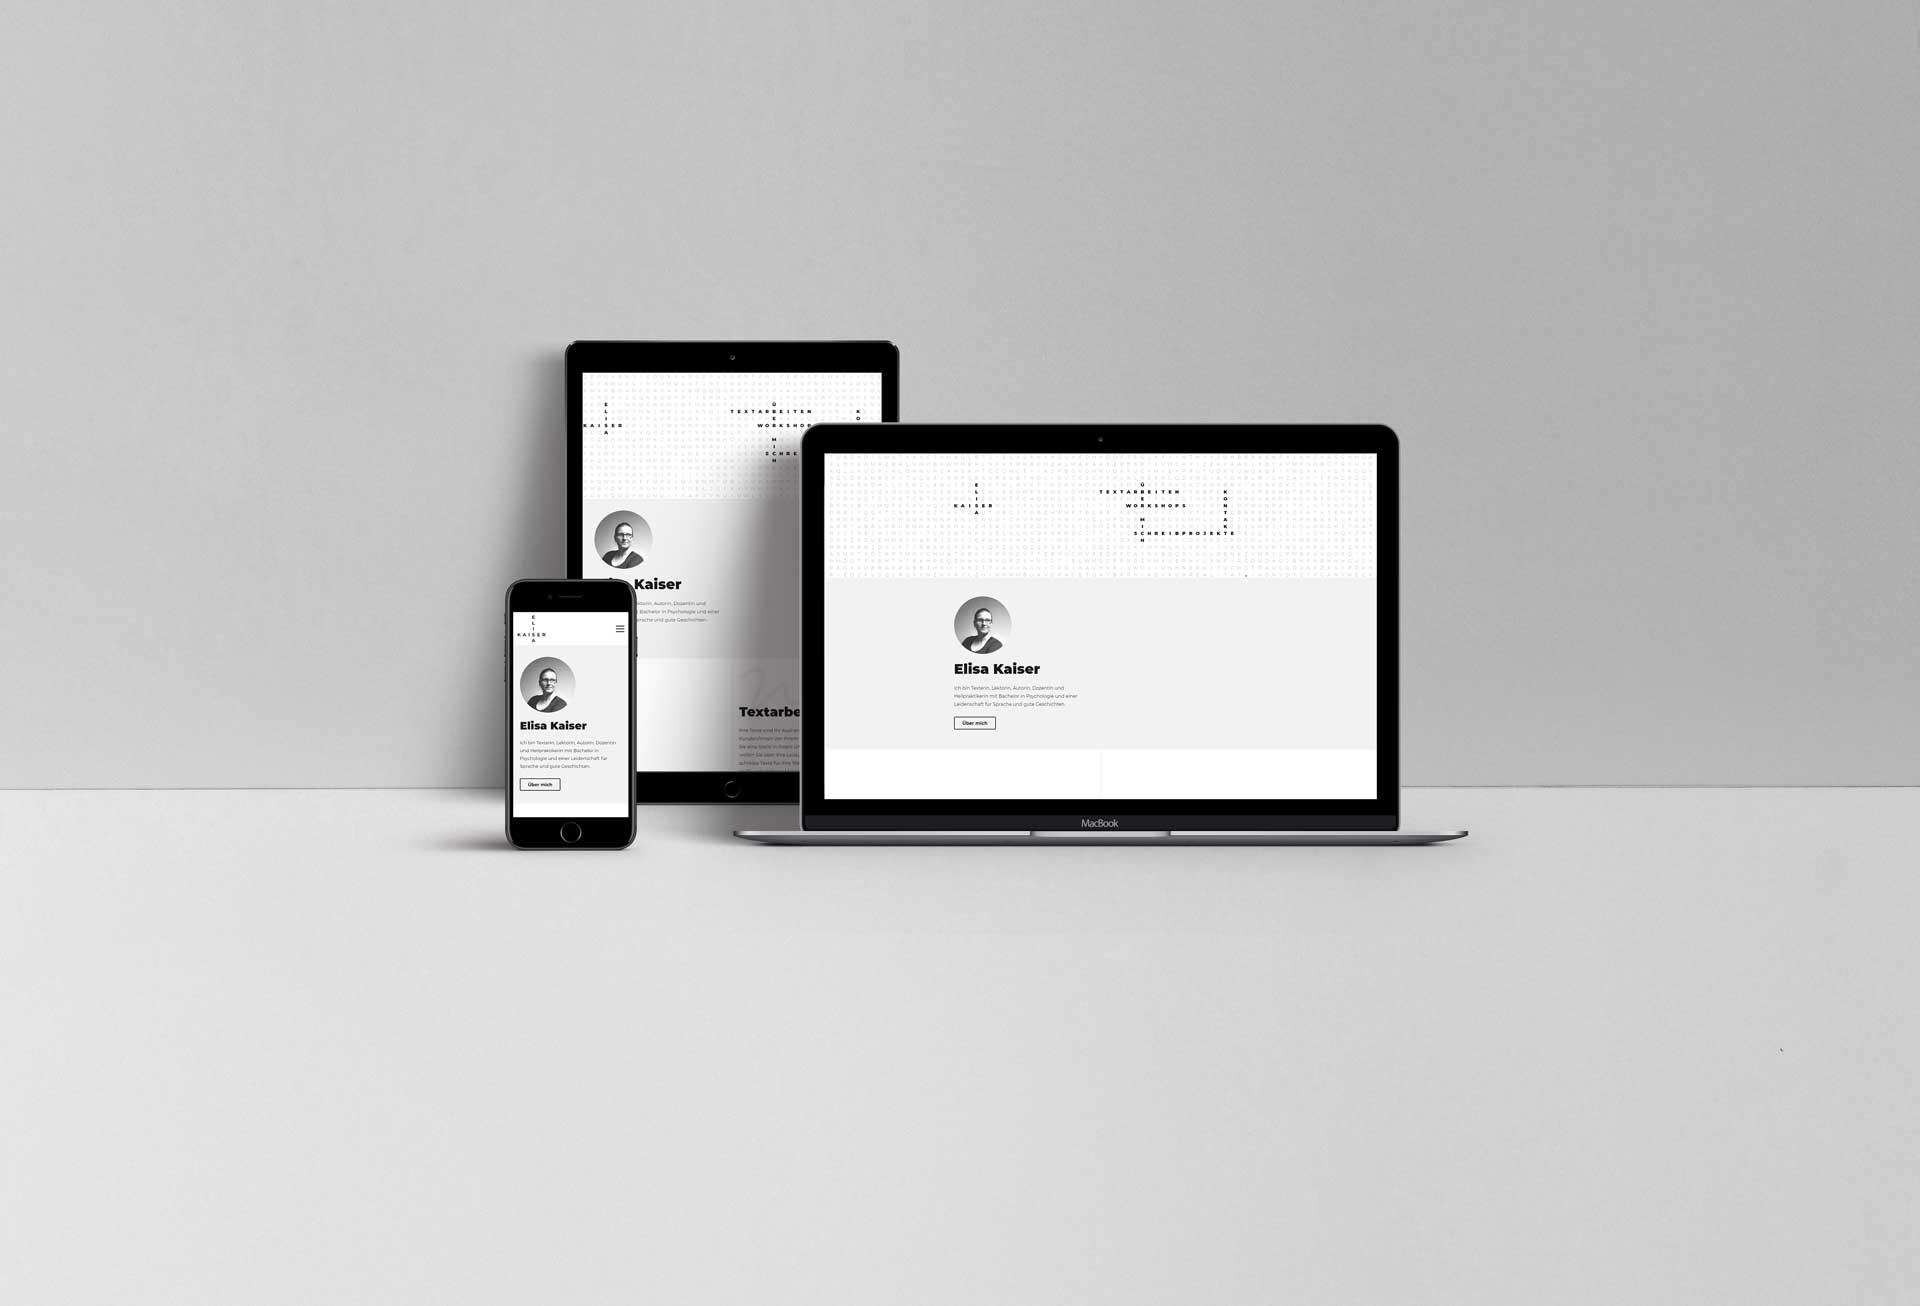 Elisa Kaiser - Webseite für Autorin